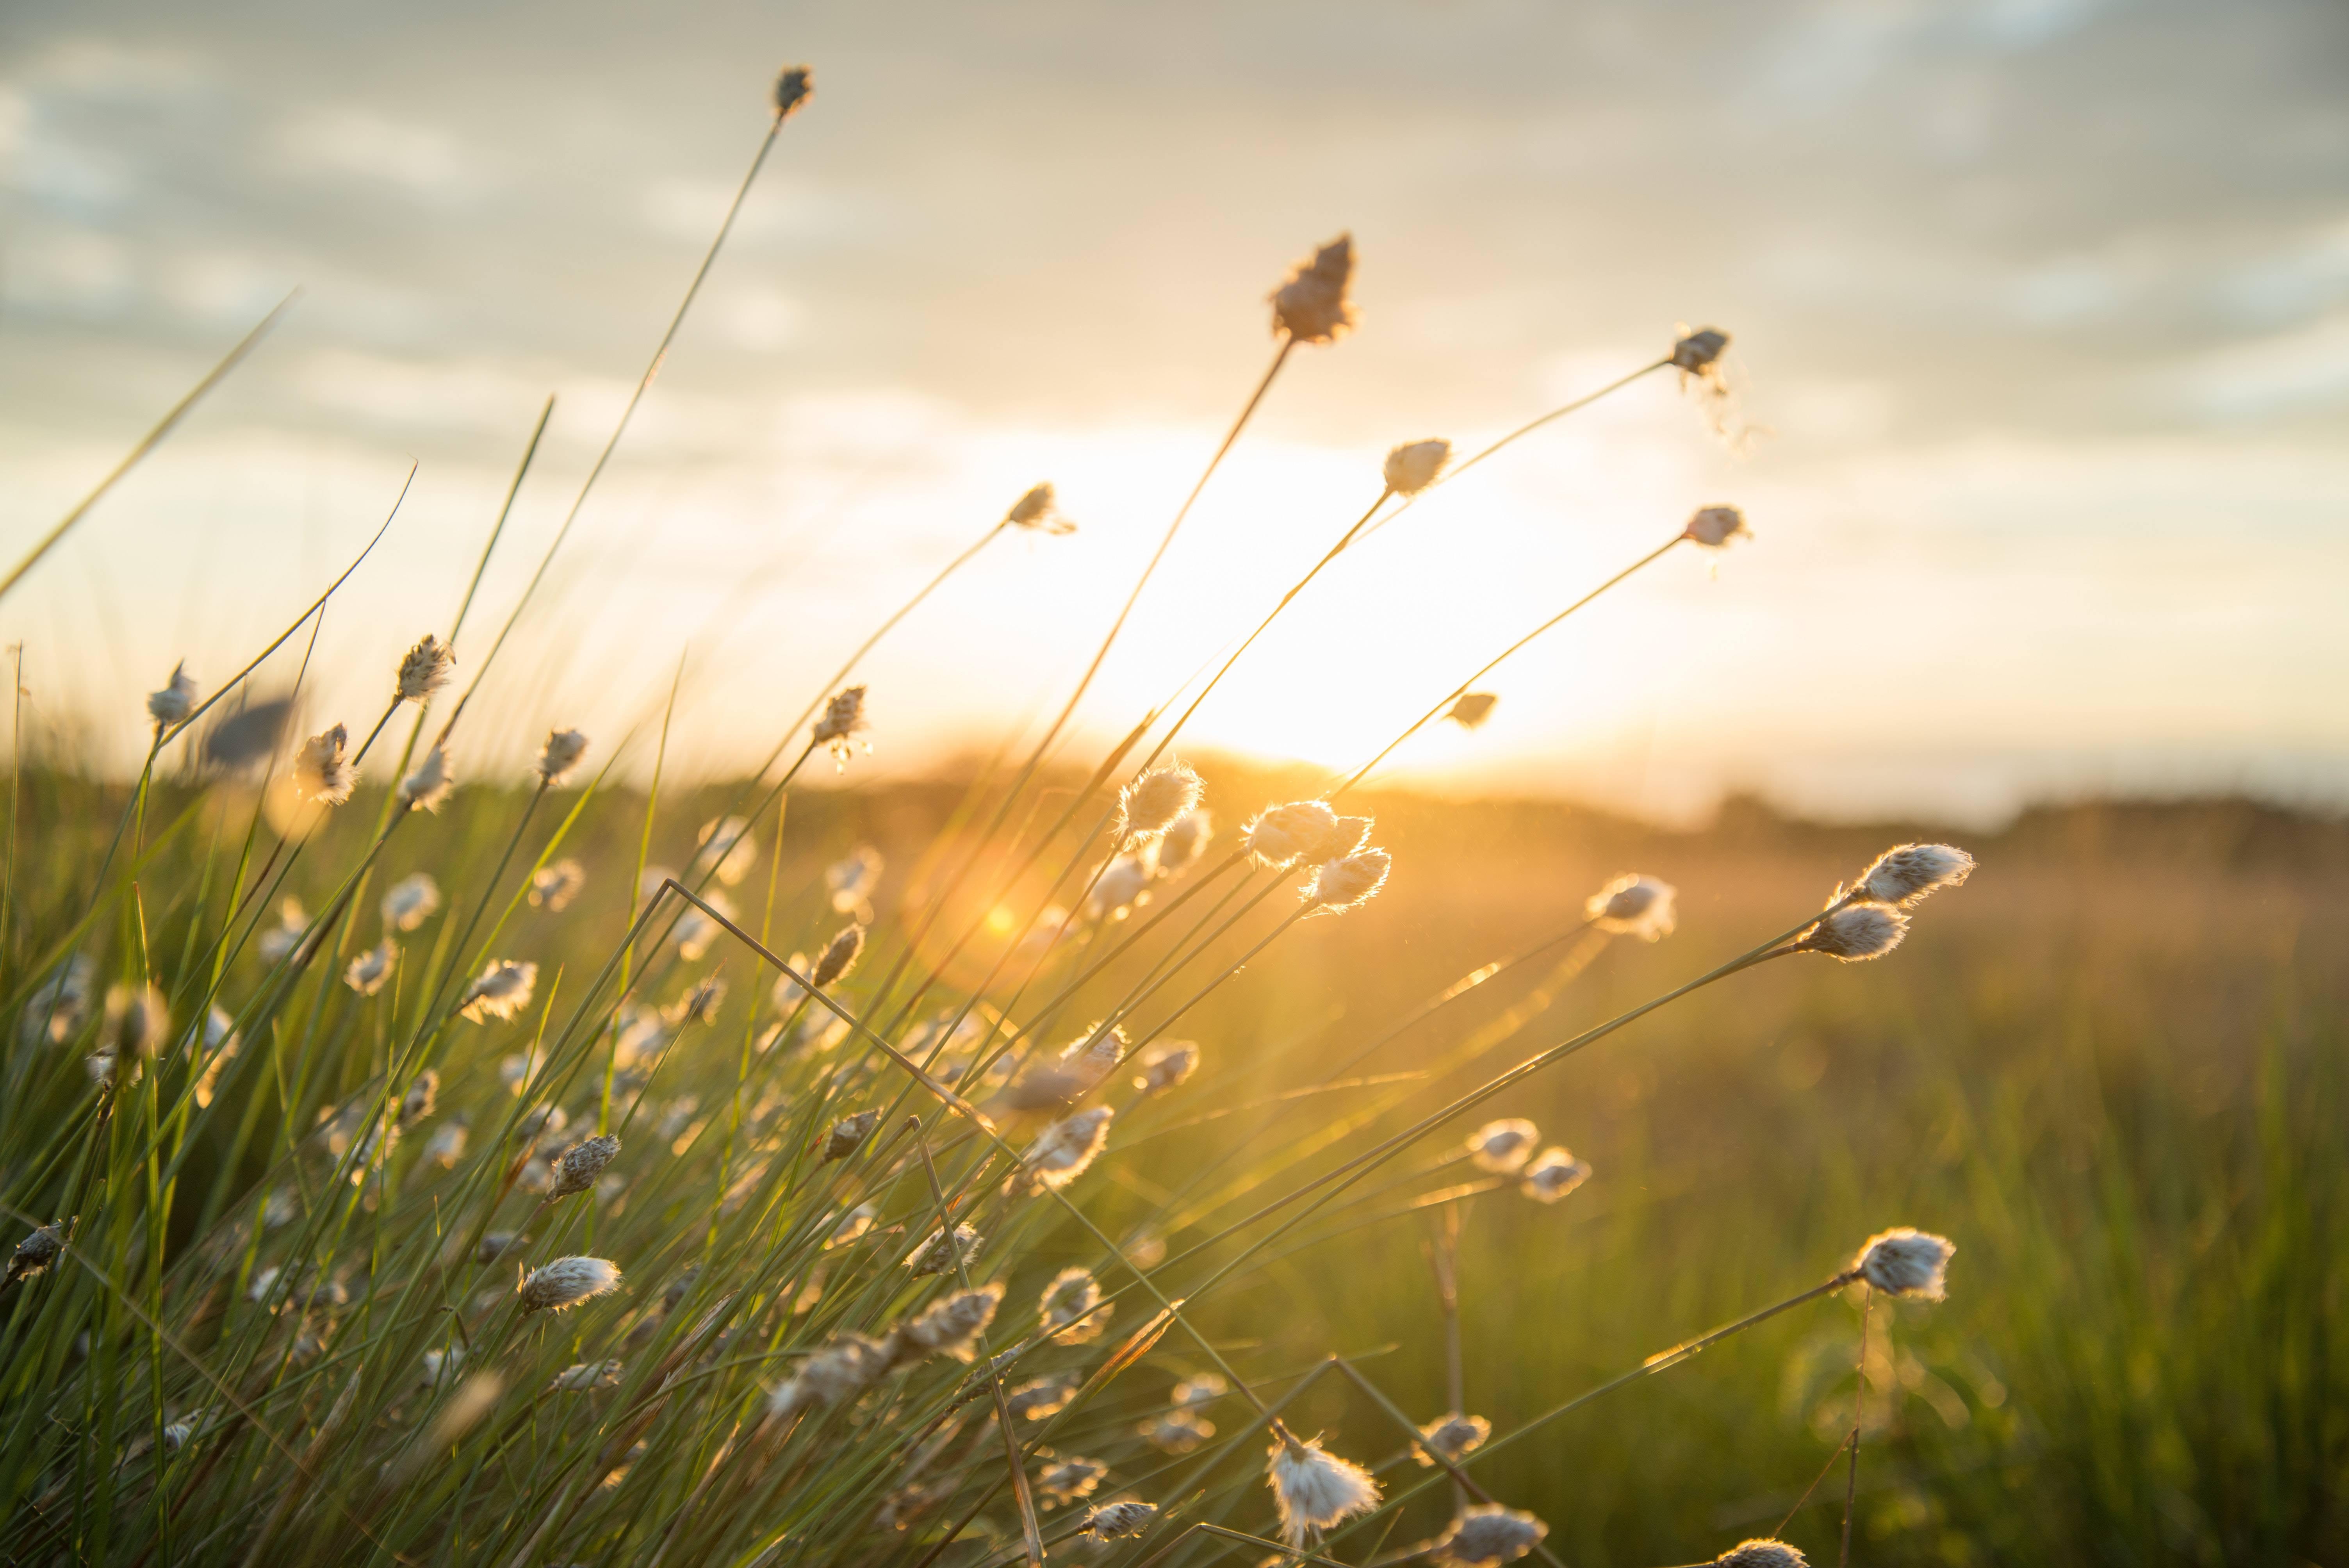 Bom Dia Iluminado E Abençoado Por Deus: Mensagem De Bom Dia E Boa Semana! Que Sua Semana Seja